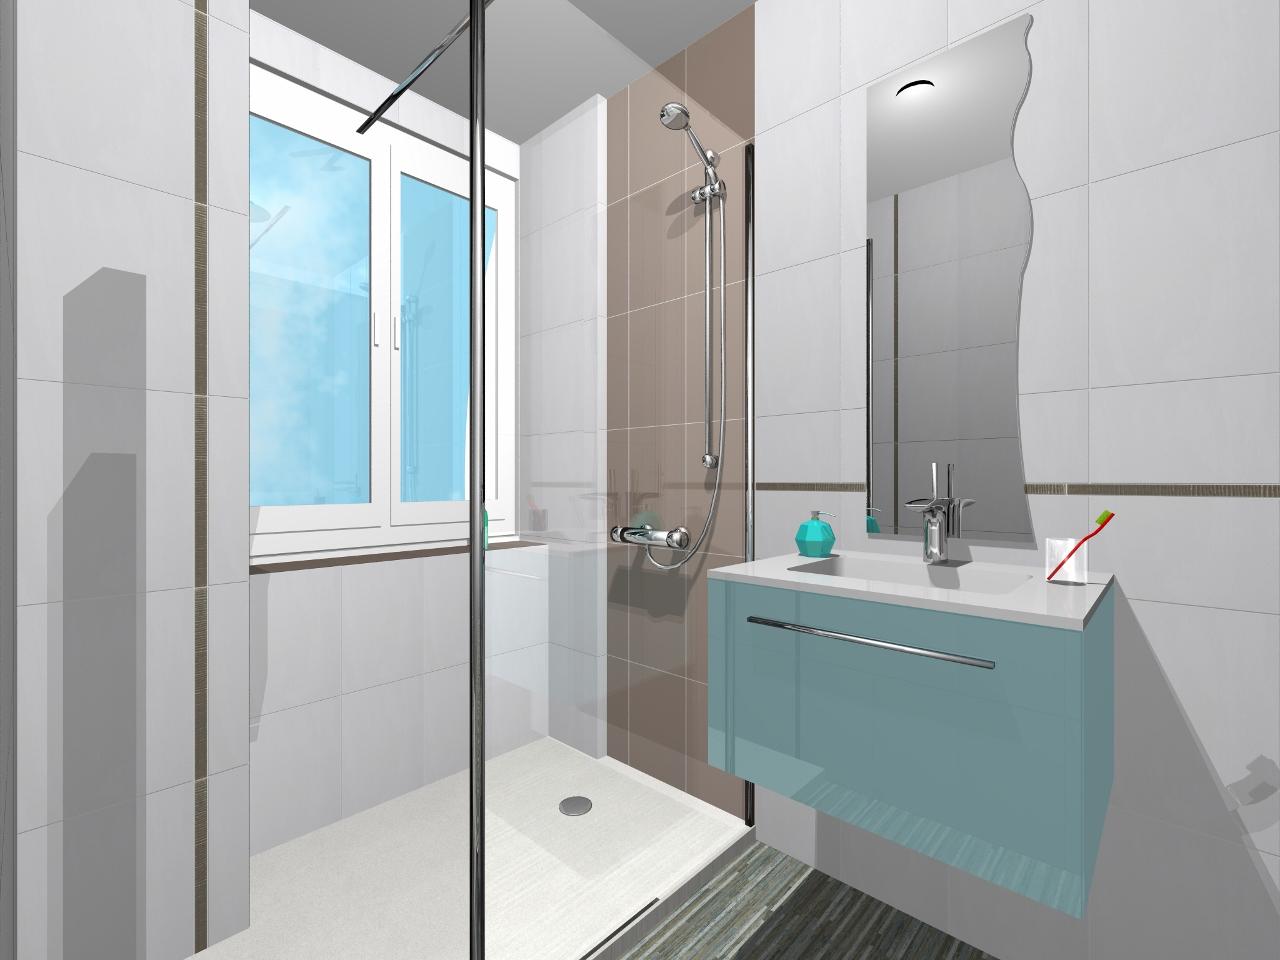 Espace bain agencement de salles de bain la troisi me for Agencement salle de bain